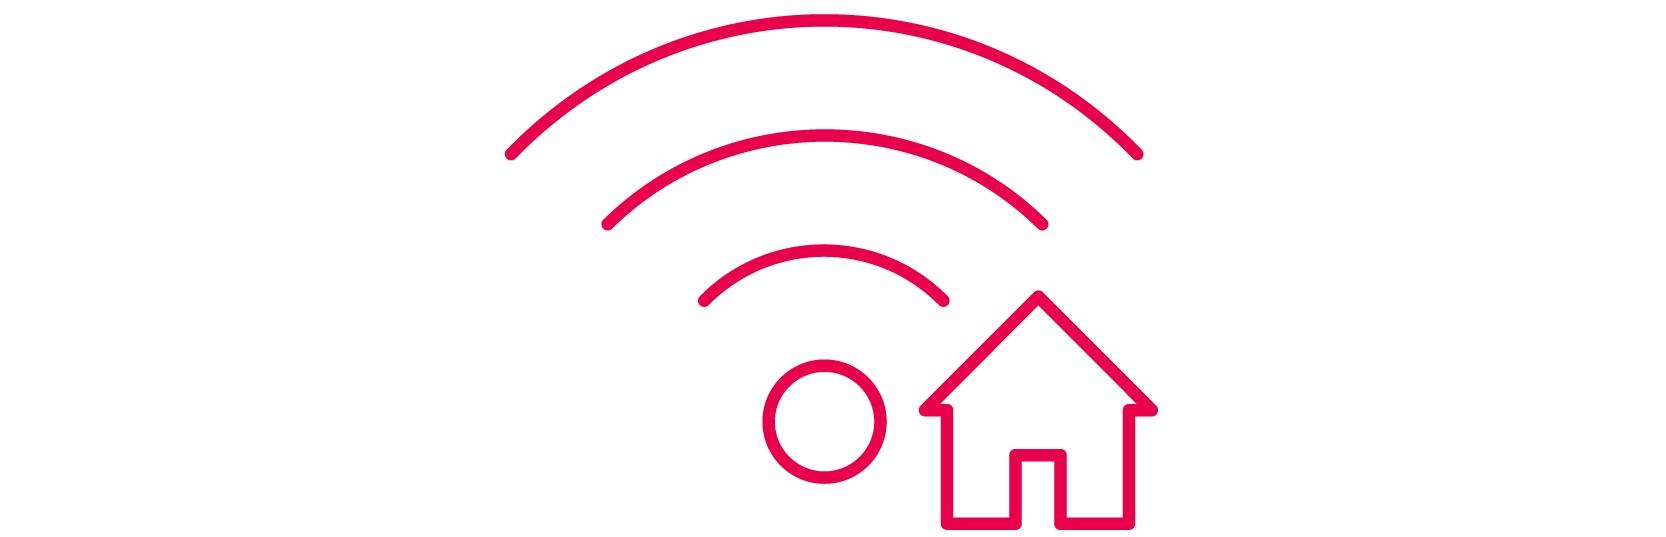 Remote code execution via Bluetooth, Wi-Fi, etc